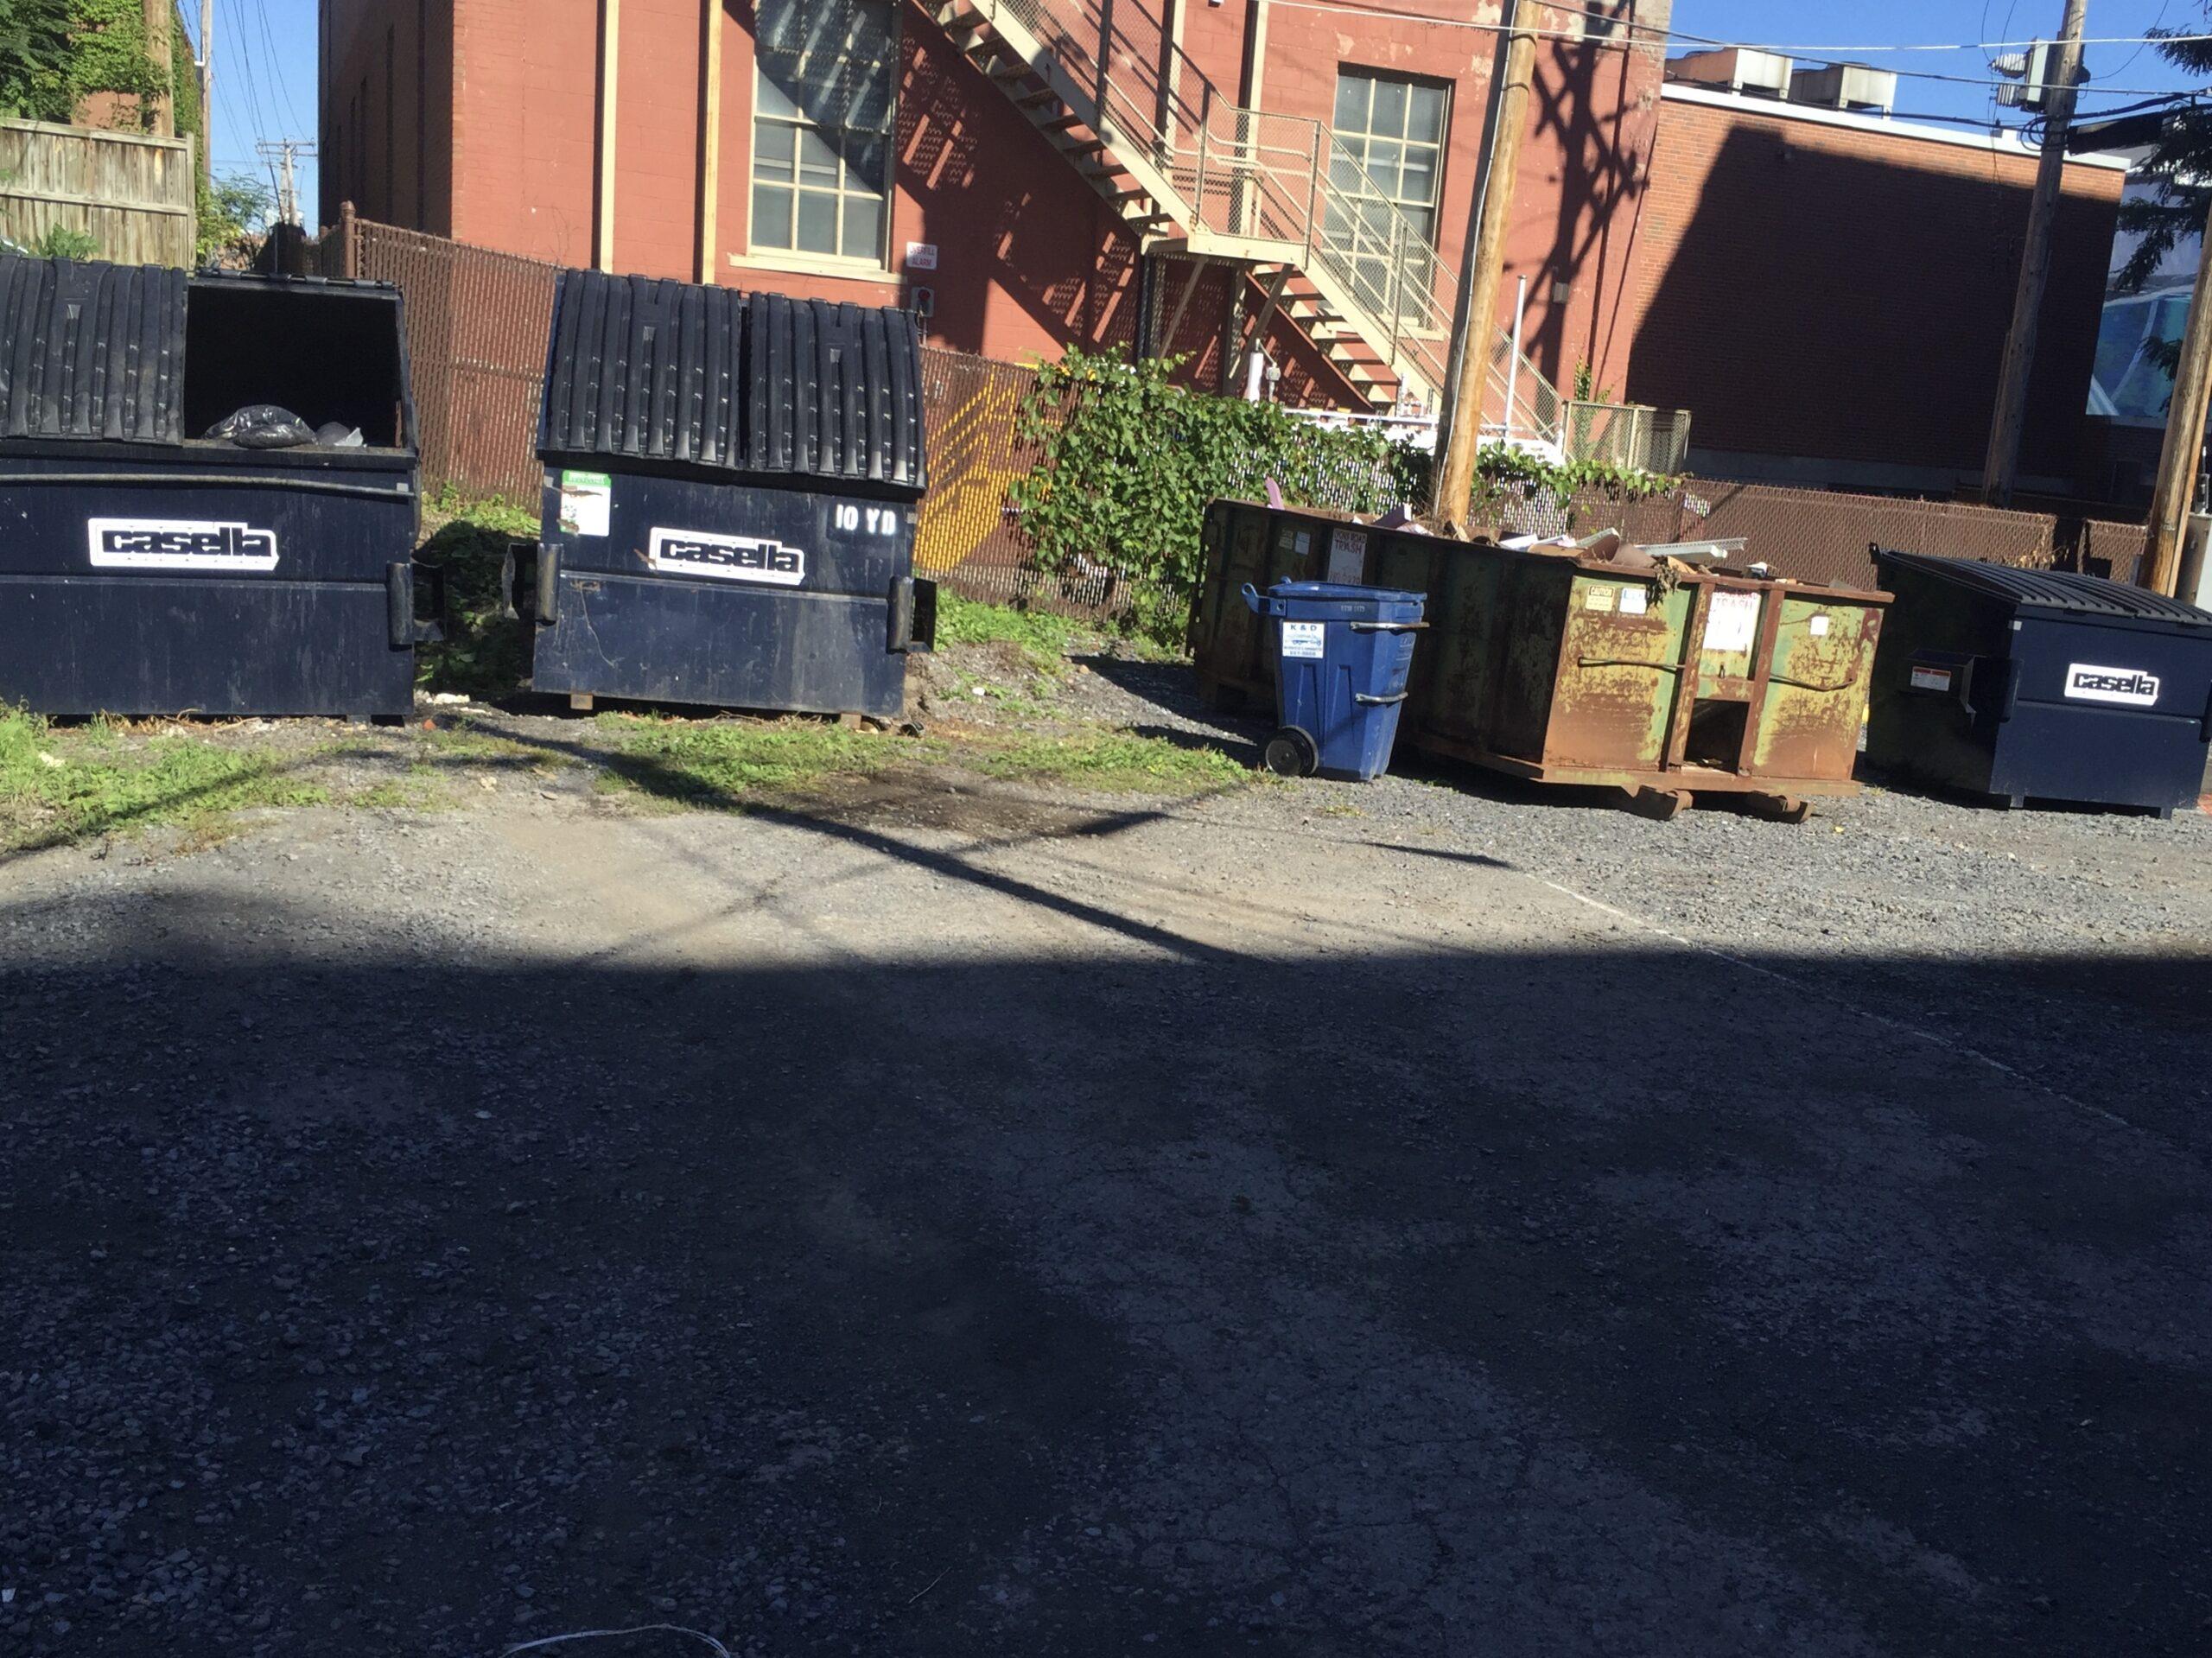 scattered trash bins